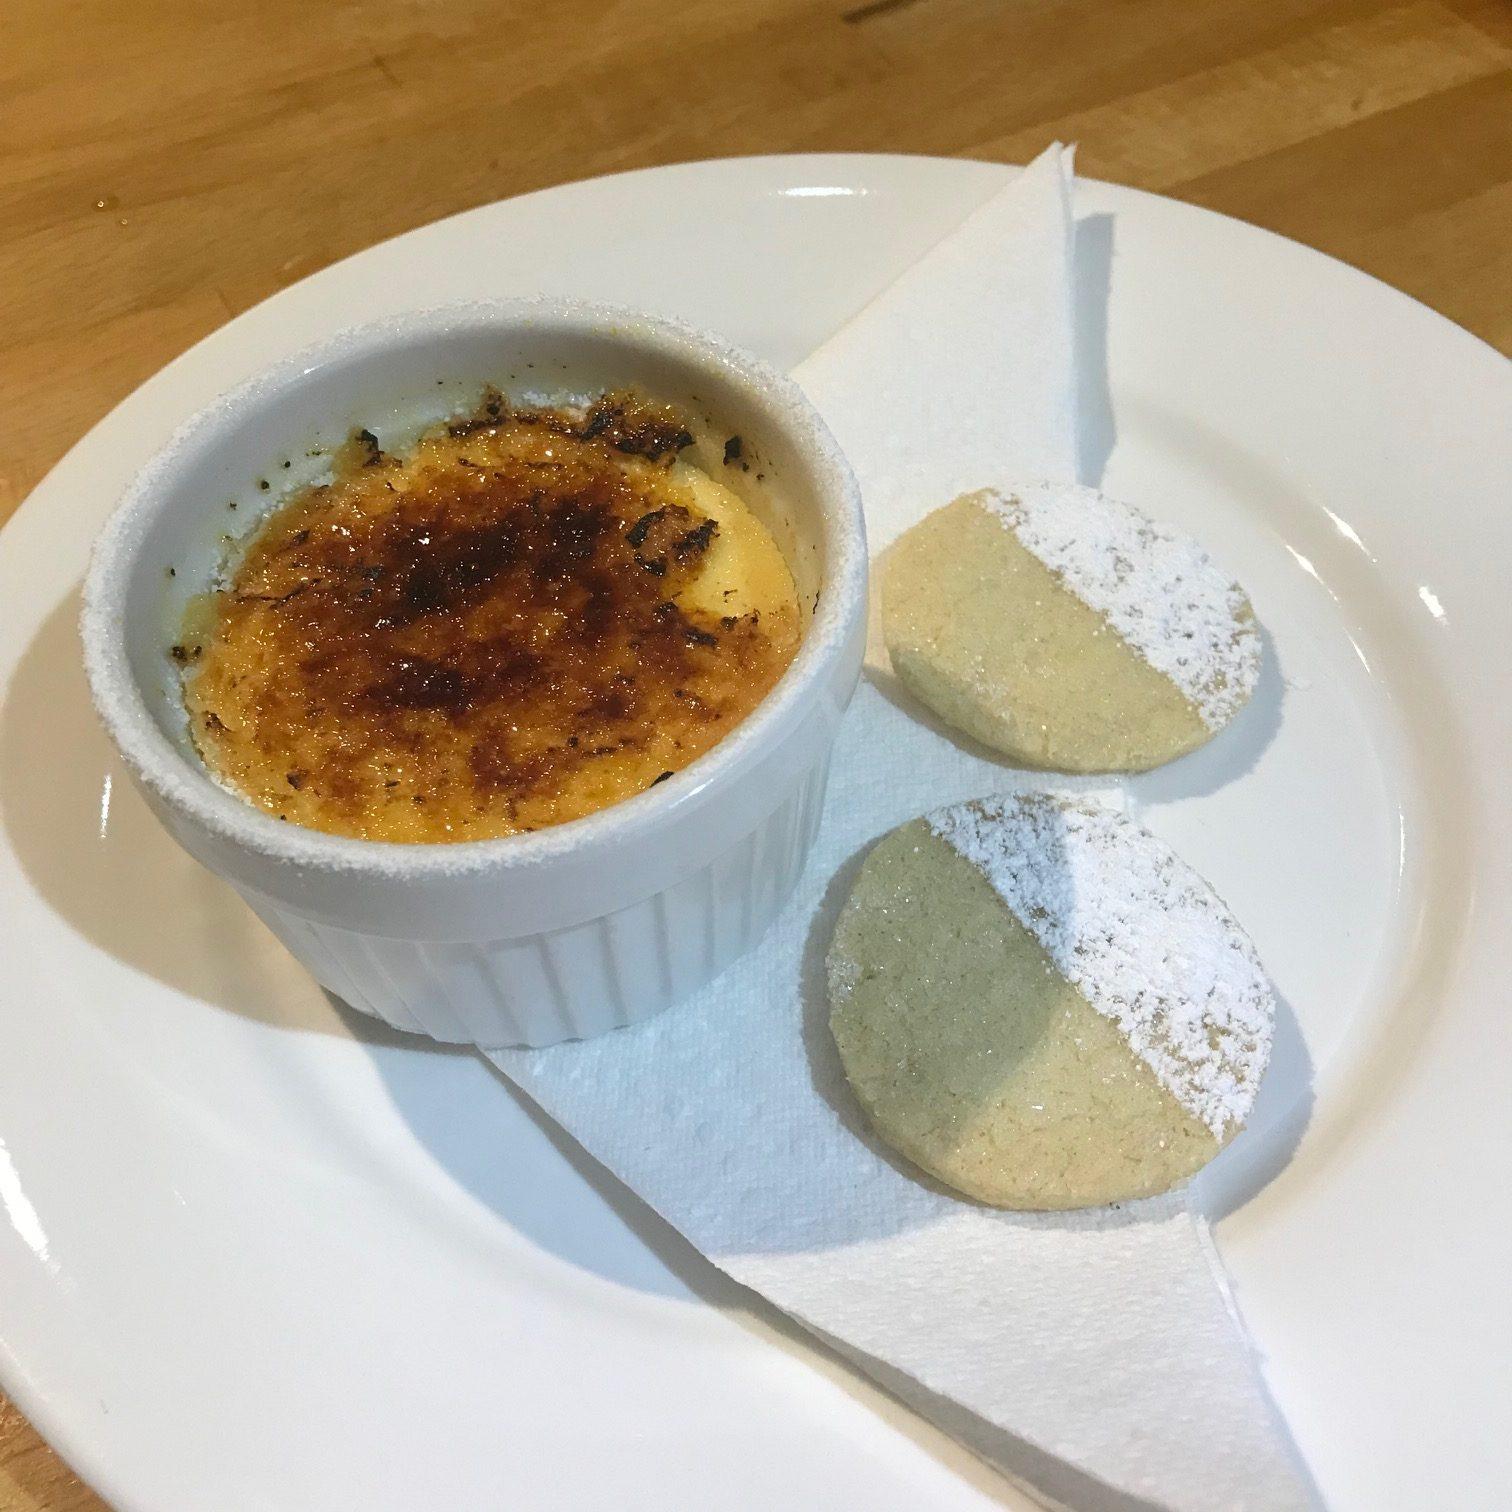 20190828 - Crème Brûlée with Shortbread Biscuits